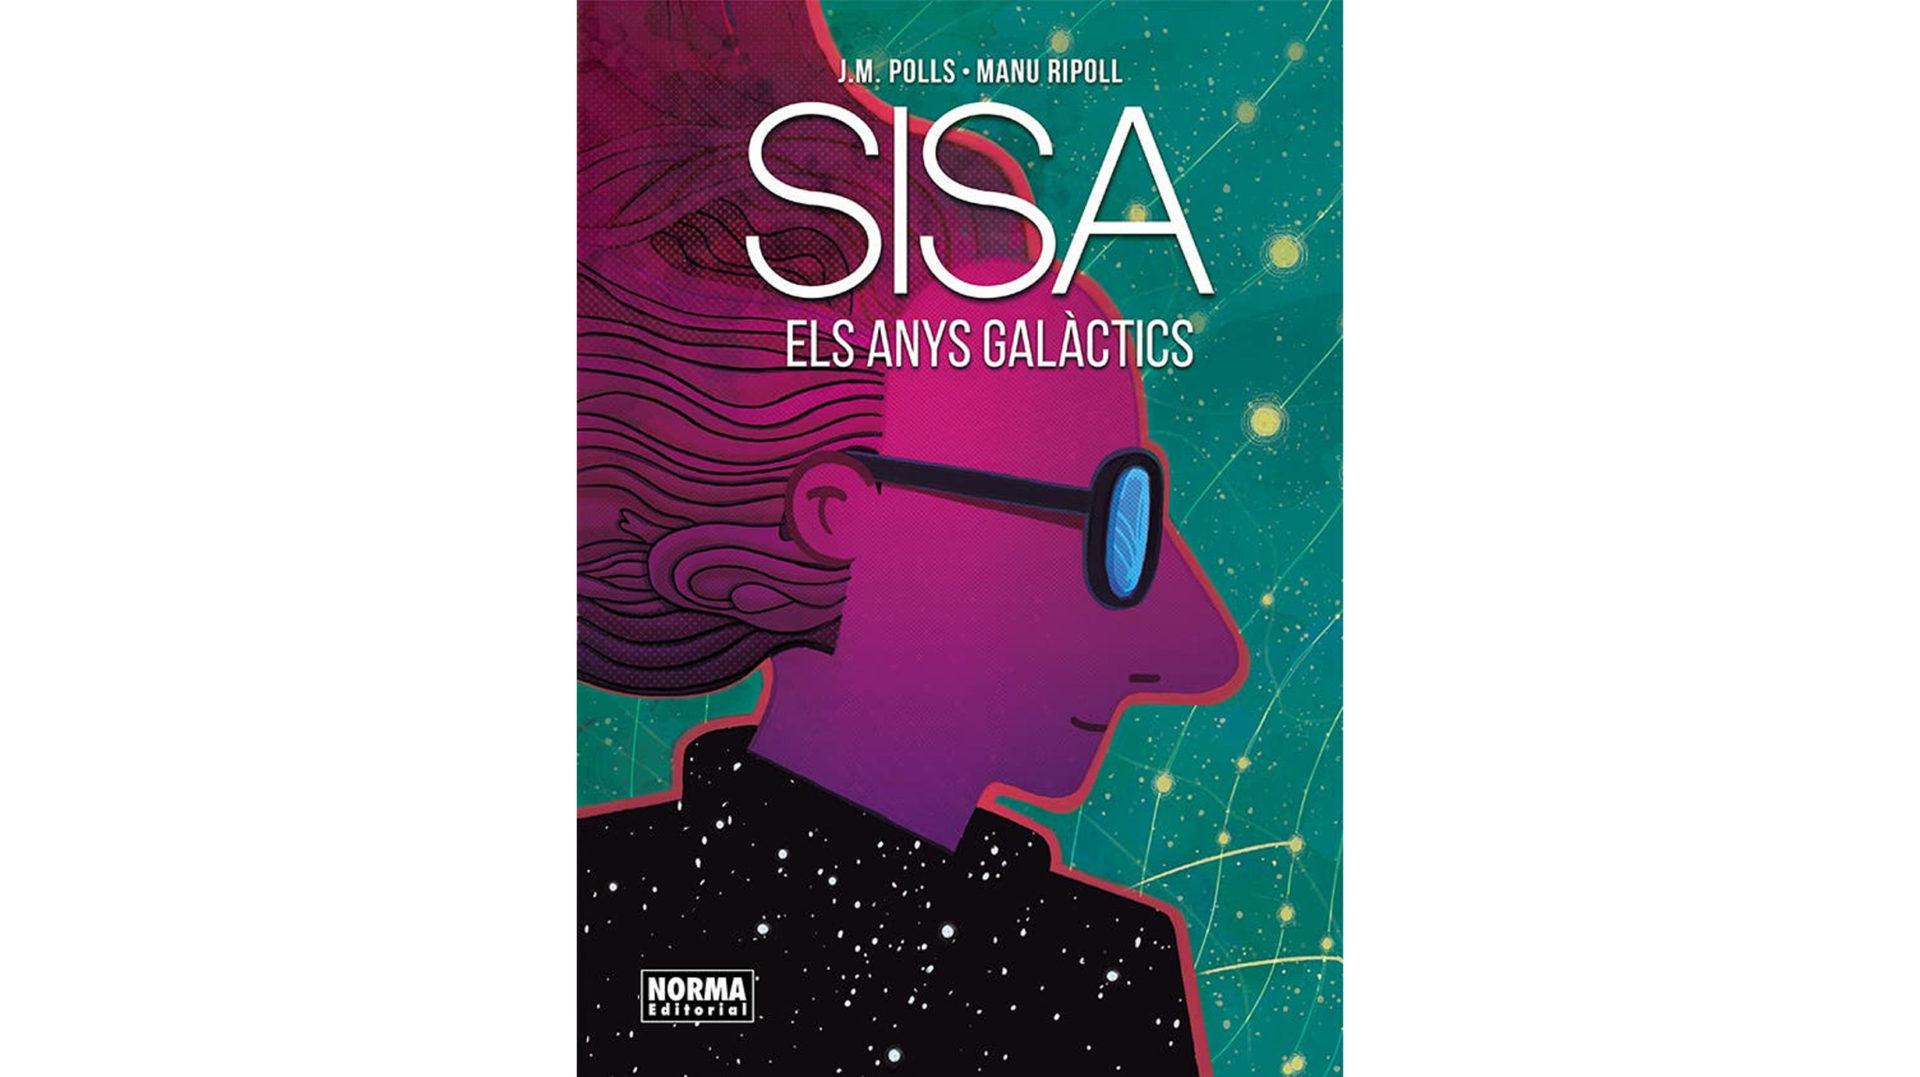 Presentació del llibre 'Sisa, els anys galàctics'